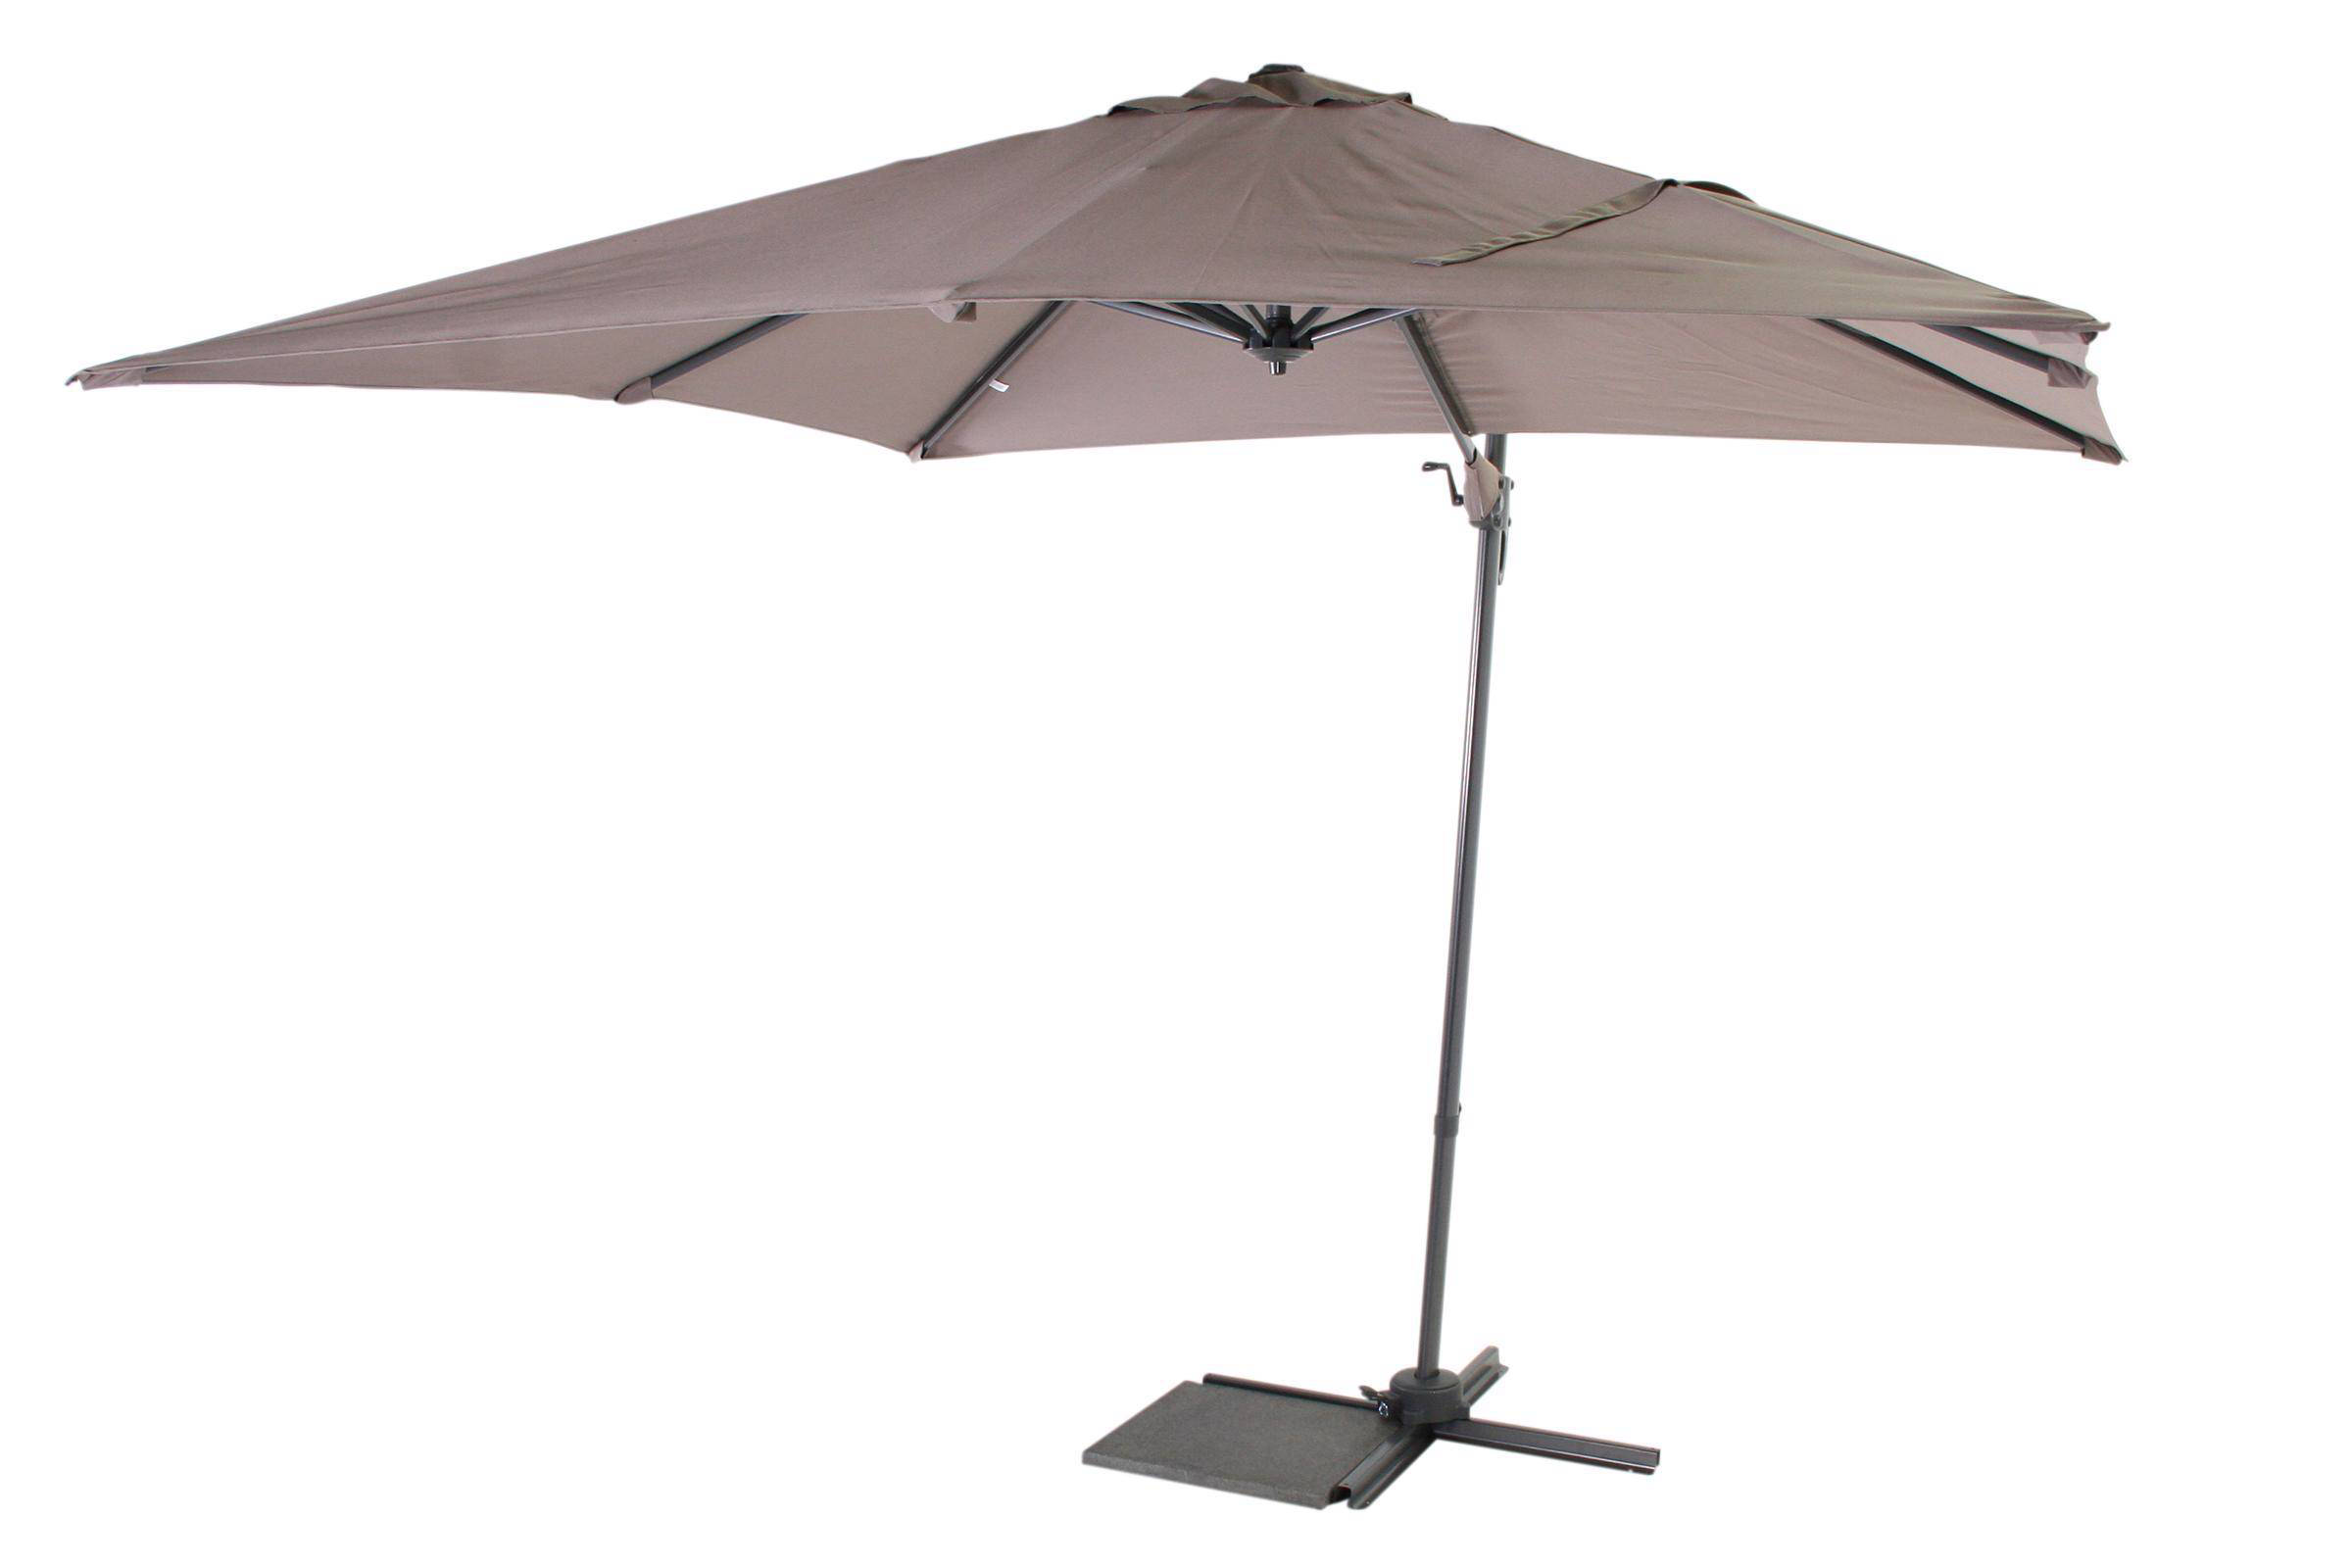 Parasols bij wehkamp - Gratis bezorging vanaf 20.-